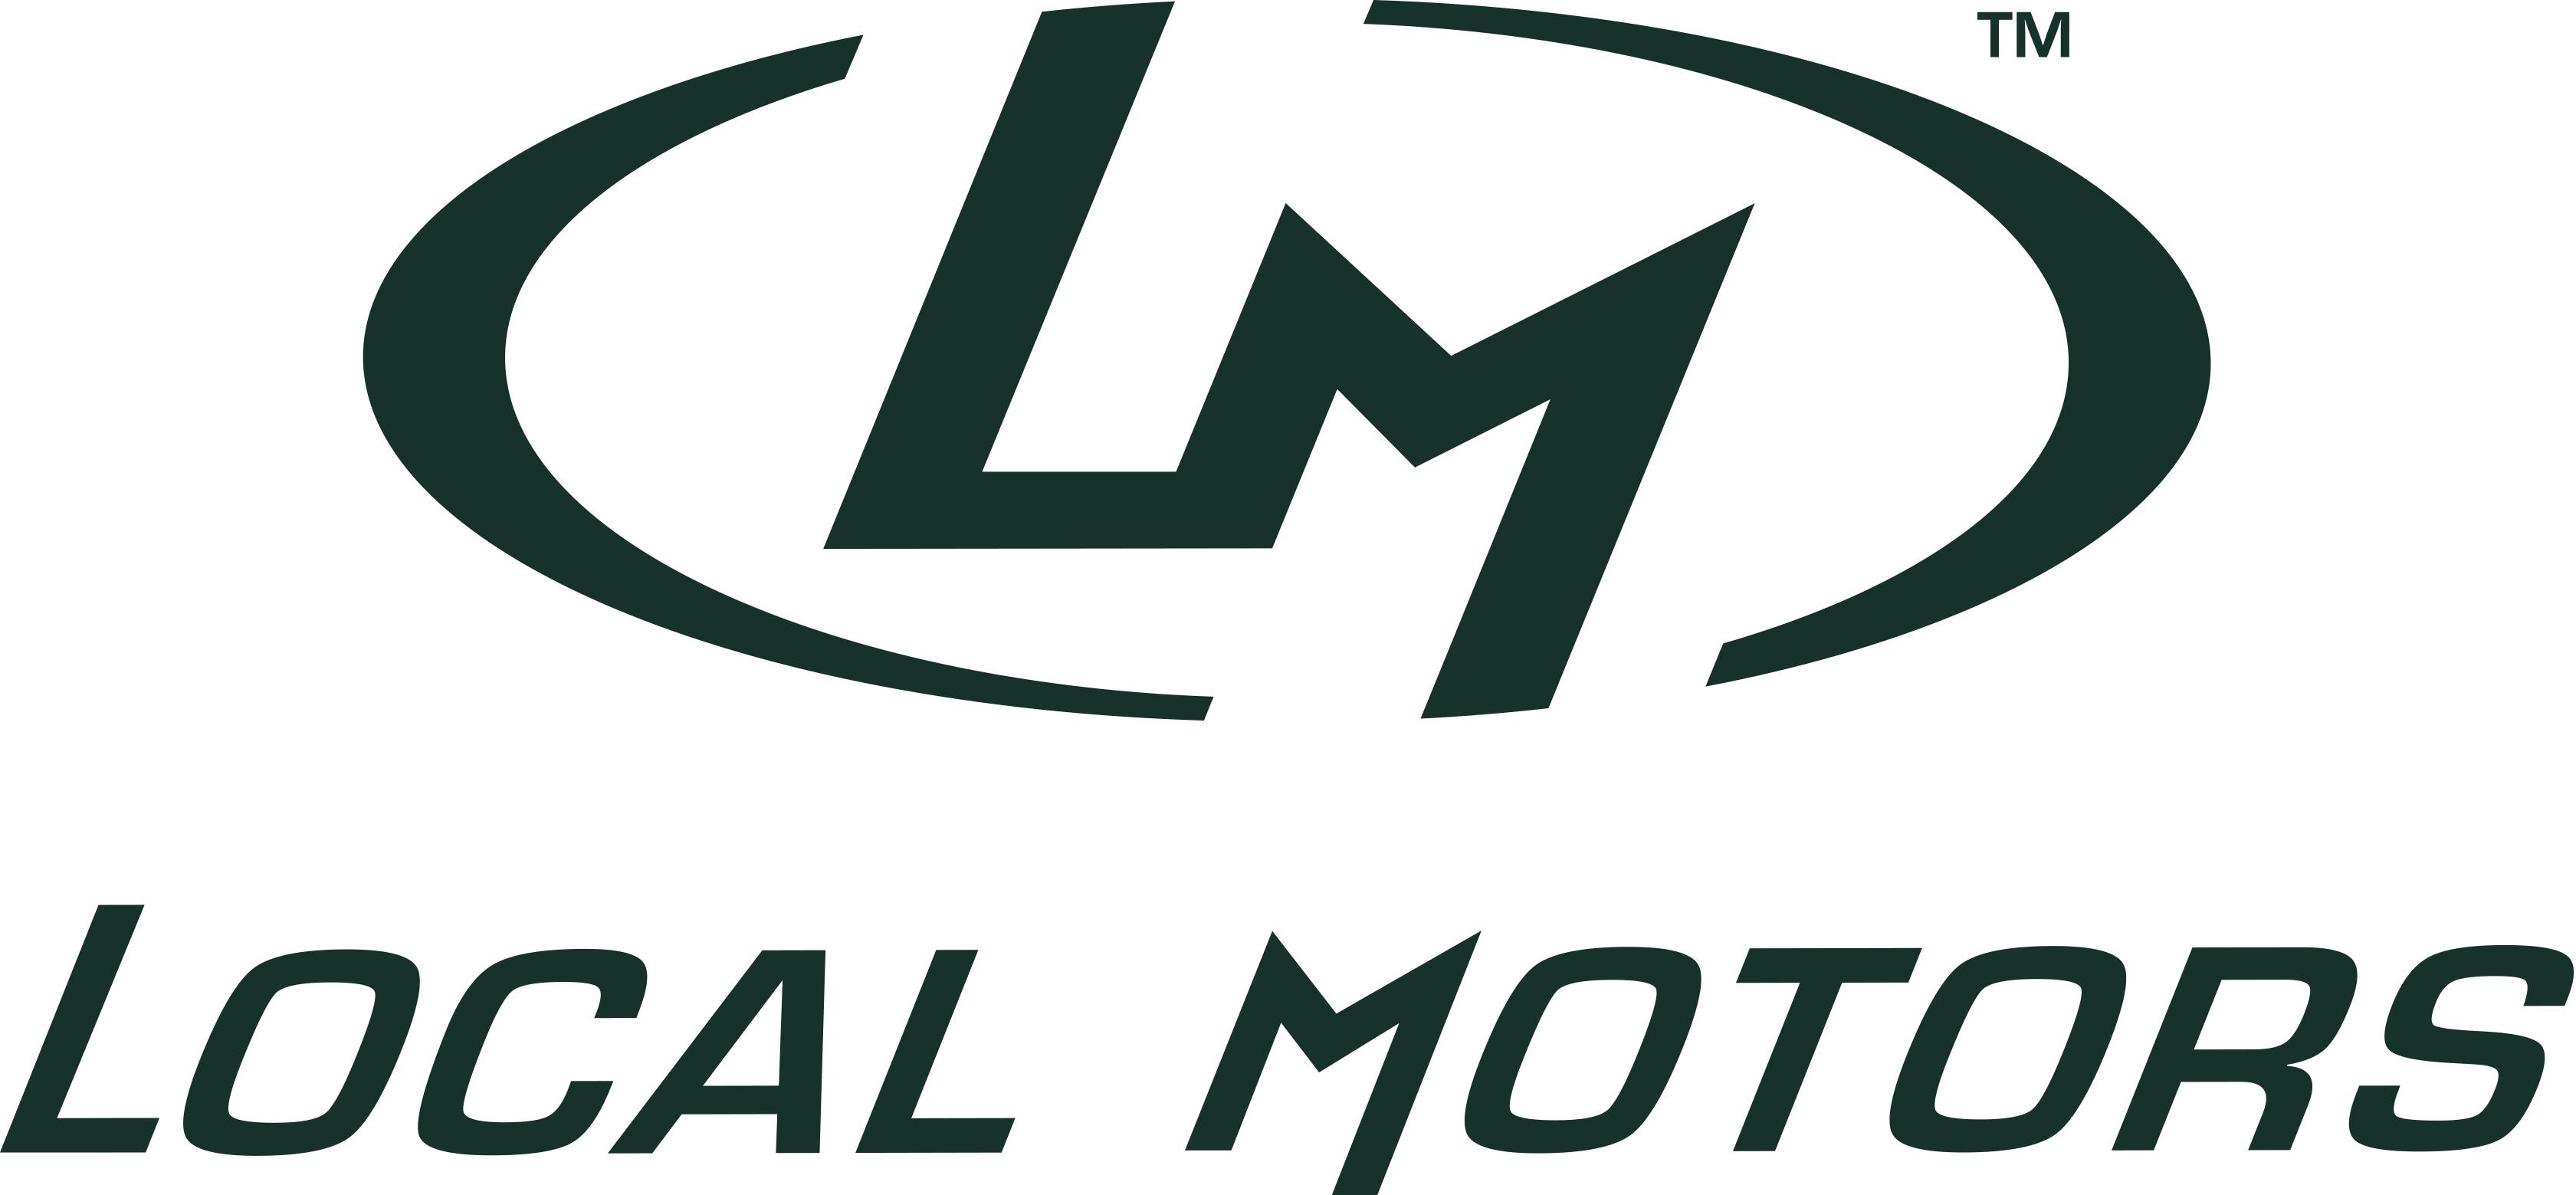 Lm Logo Vectors Free Download